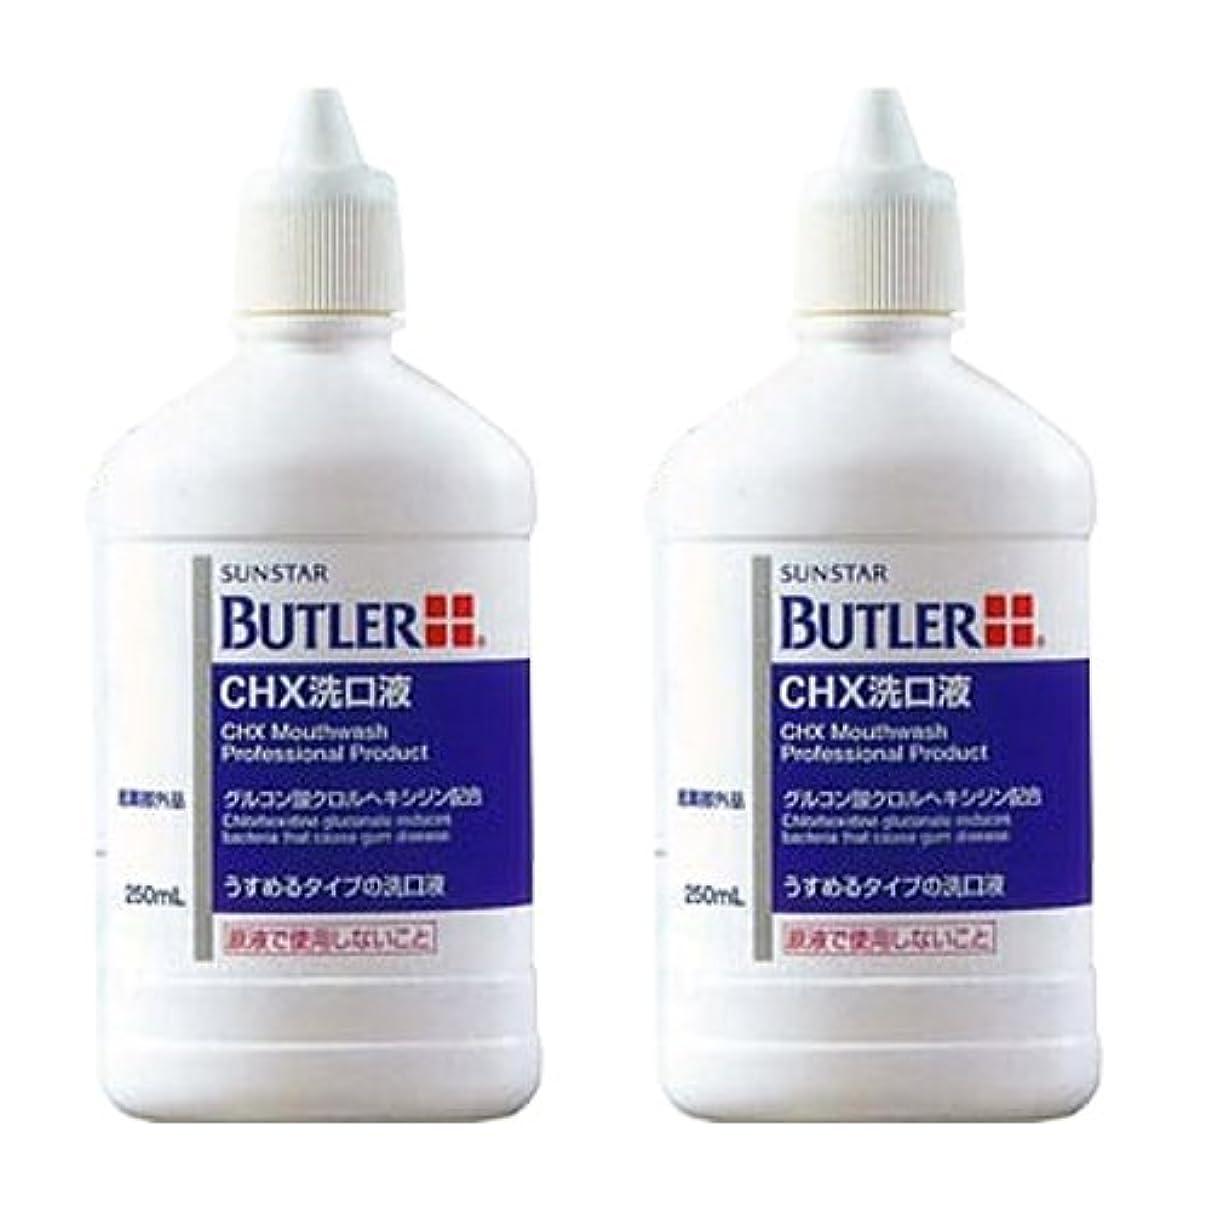 バッグ無傷排気サンスター バトラー CHX 洗口液 250ml × 2本 医薬部外品